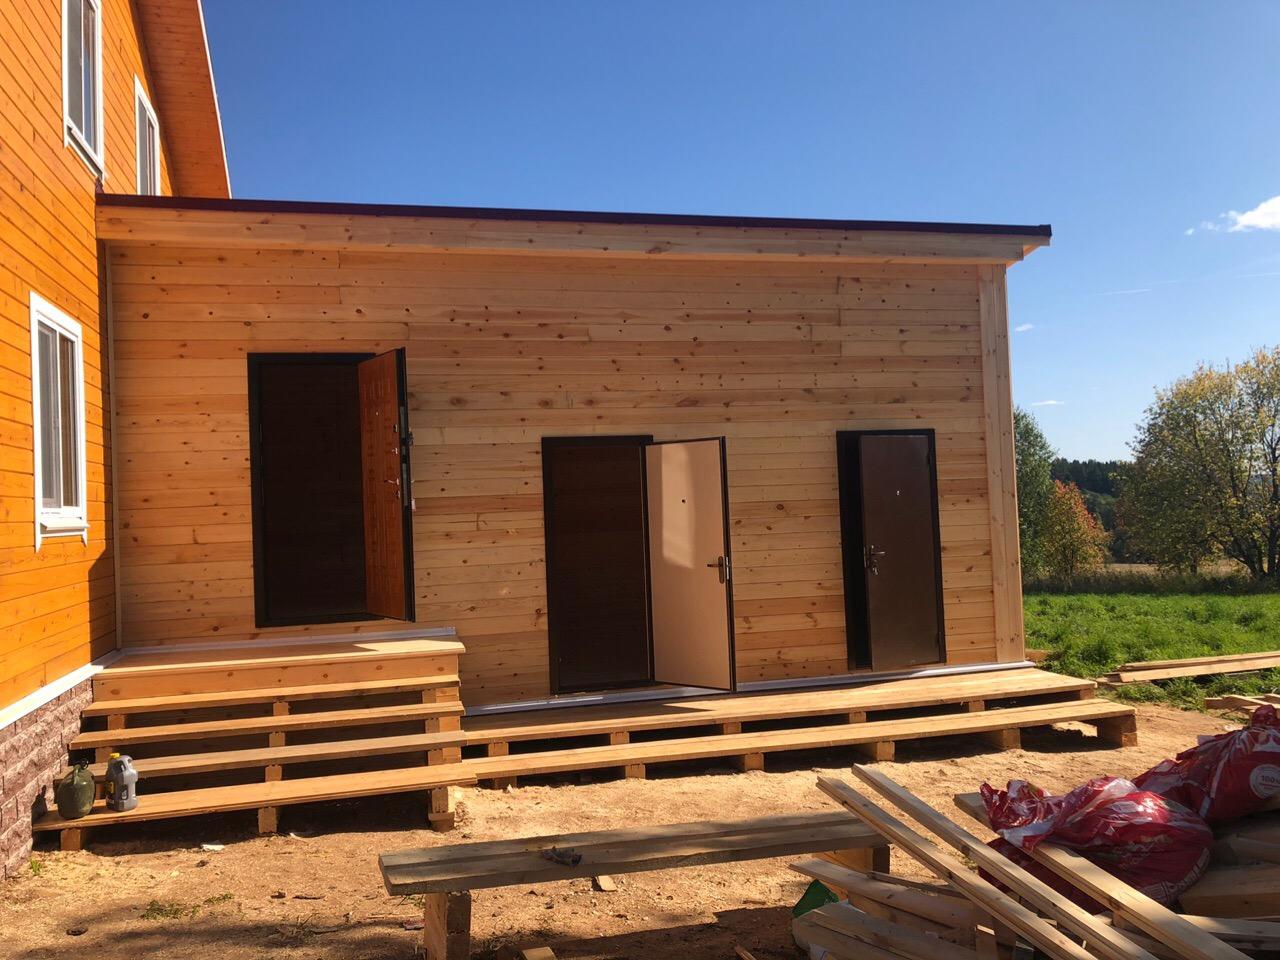 Брусовая пристройка 3.5х7.5м к брусовому дому в селе Красное Вологодской области